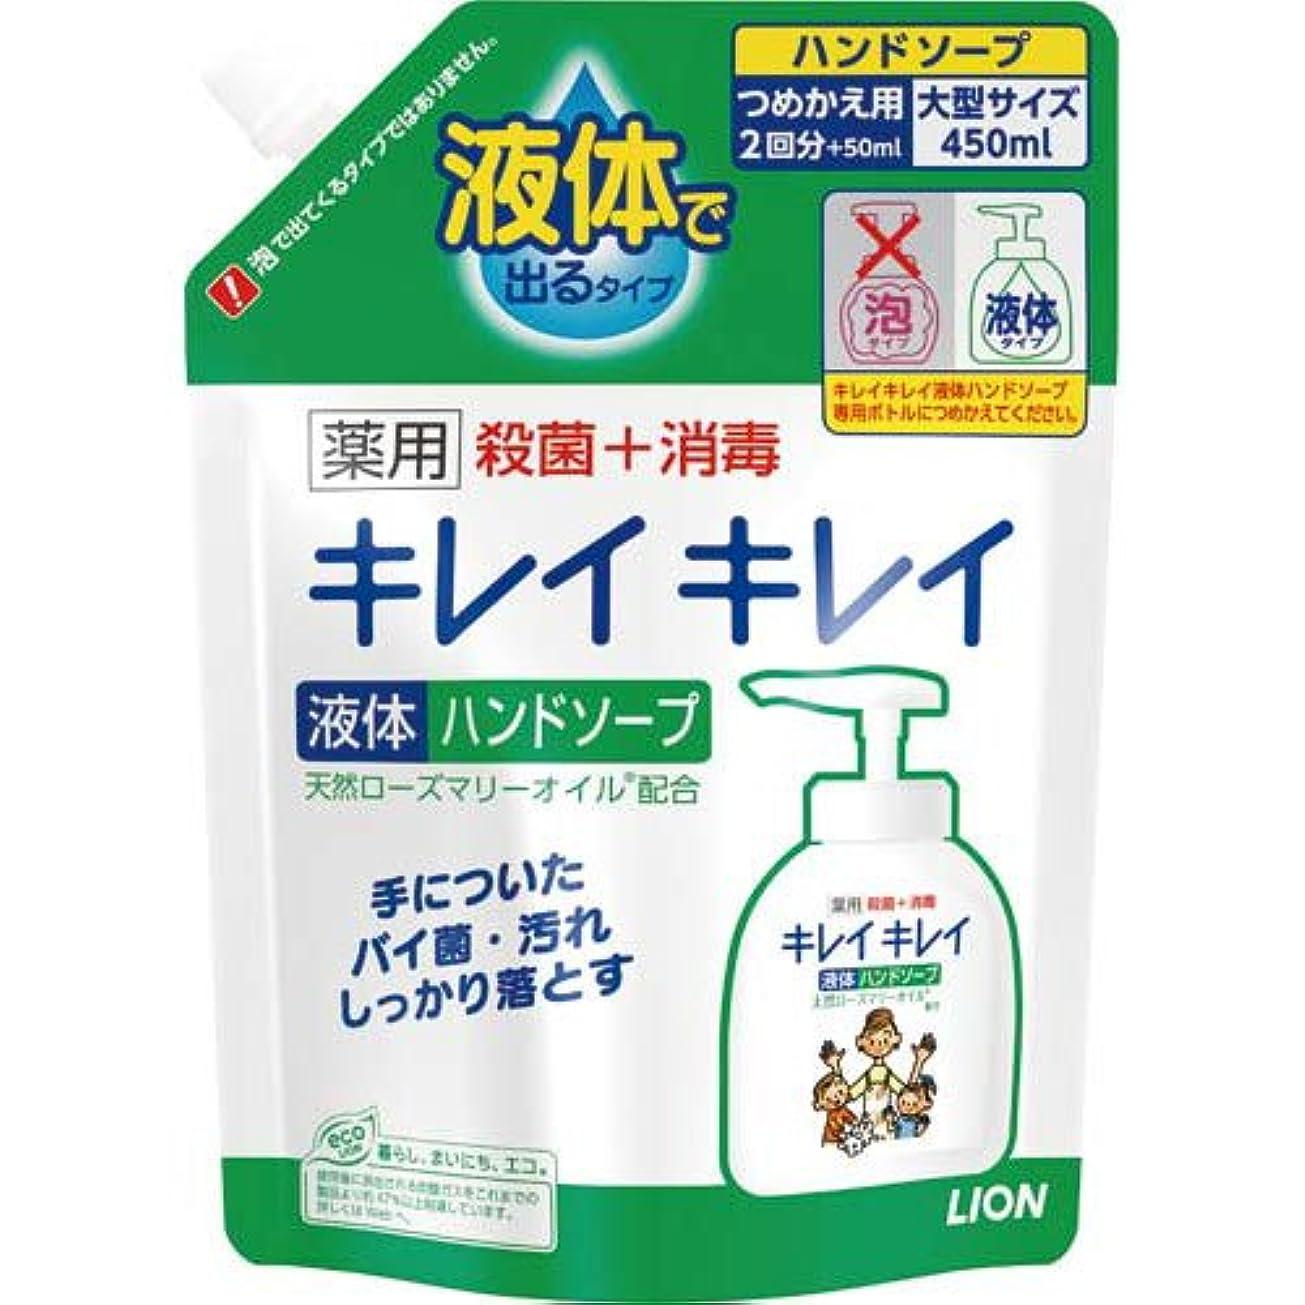 有限盲信第五ライオン キレイキレイ薬用ハンドソープ 詰替用450ml×4